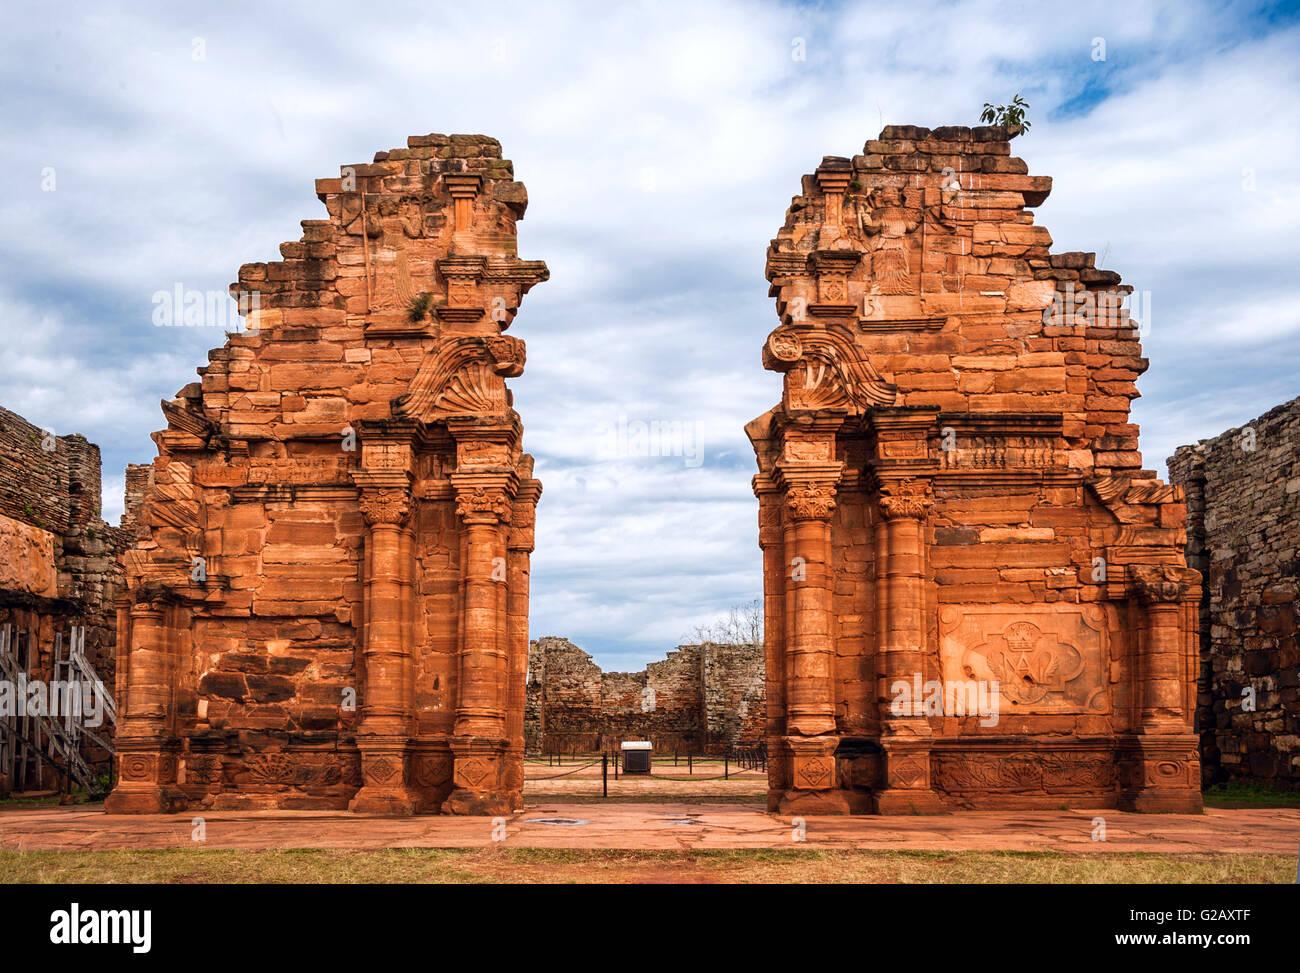 San Ignacio-Mini misión fundada en 1632 por los jesuitas, Provincia de Misiones, Argentina Imagen De Stock